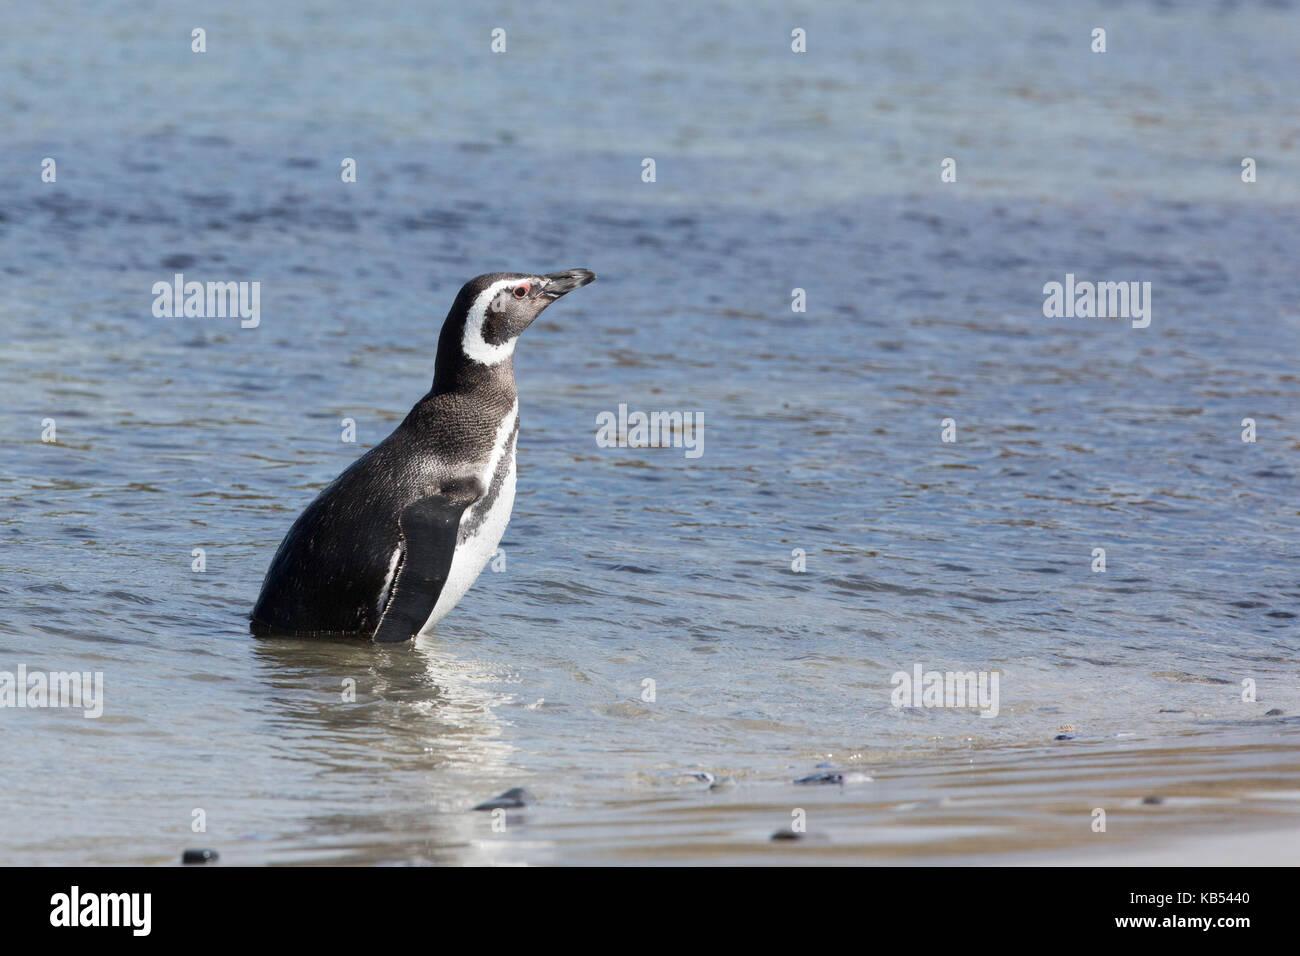 Magellanic Penguin (Spheniscus magellanicus) in sea near breeding colony, Falkland Islands - Stock Image